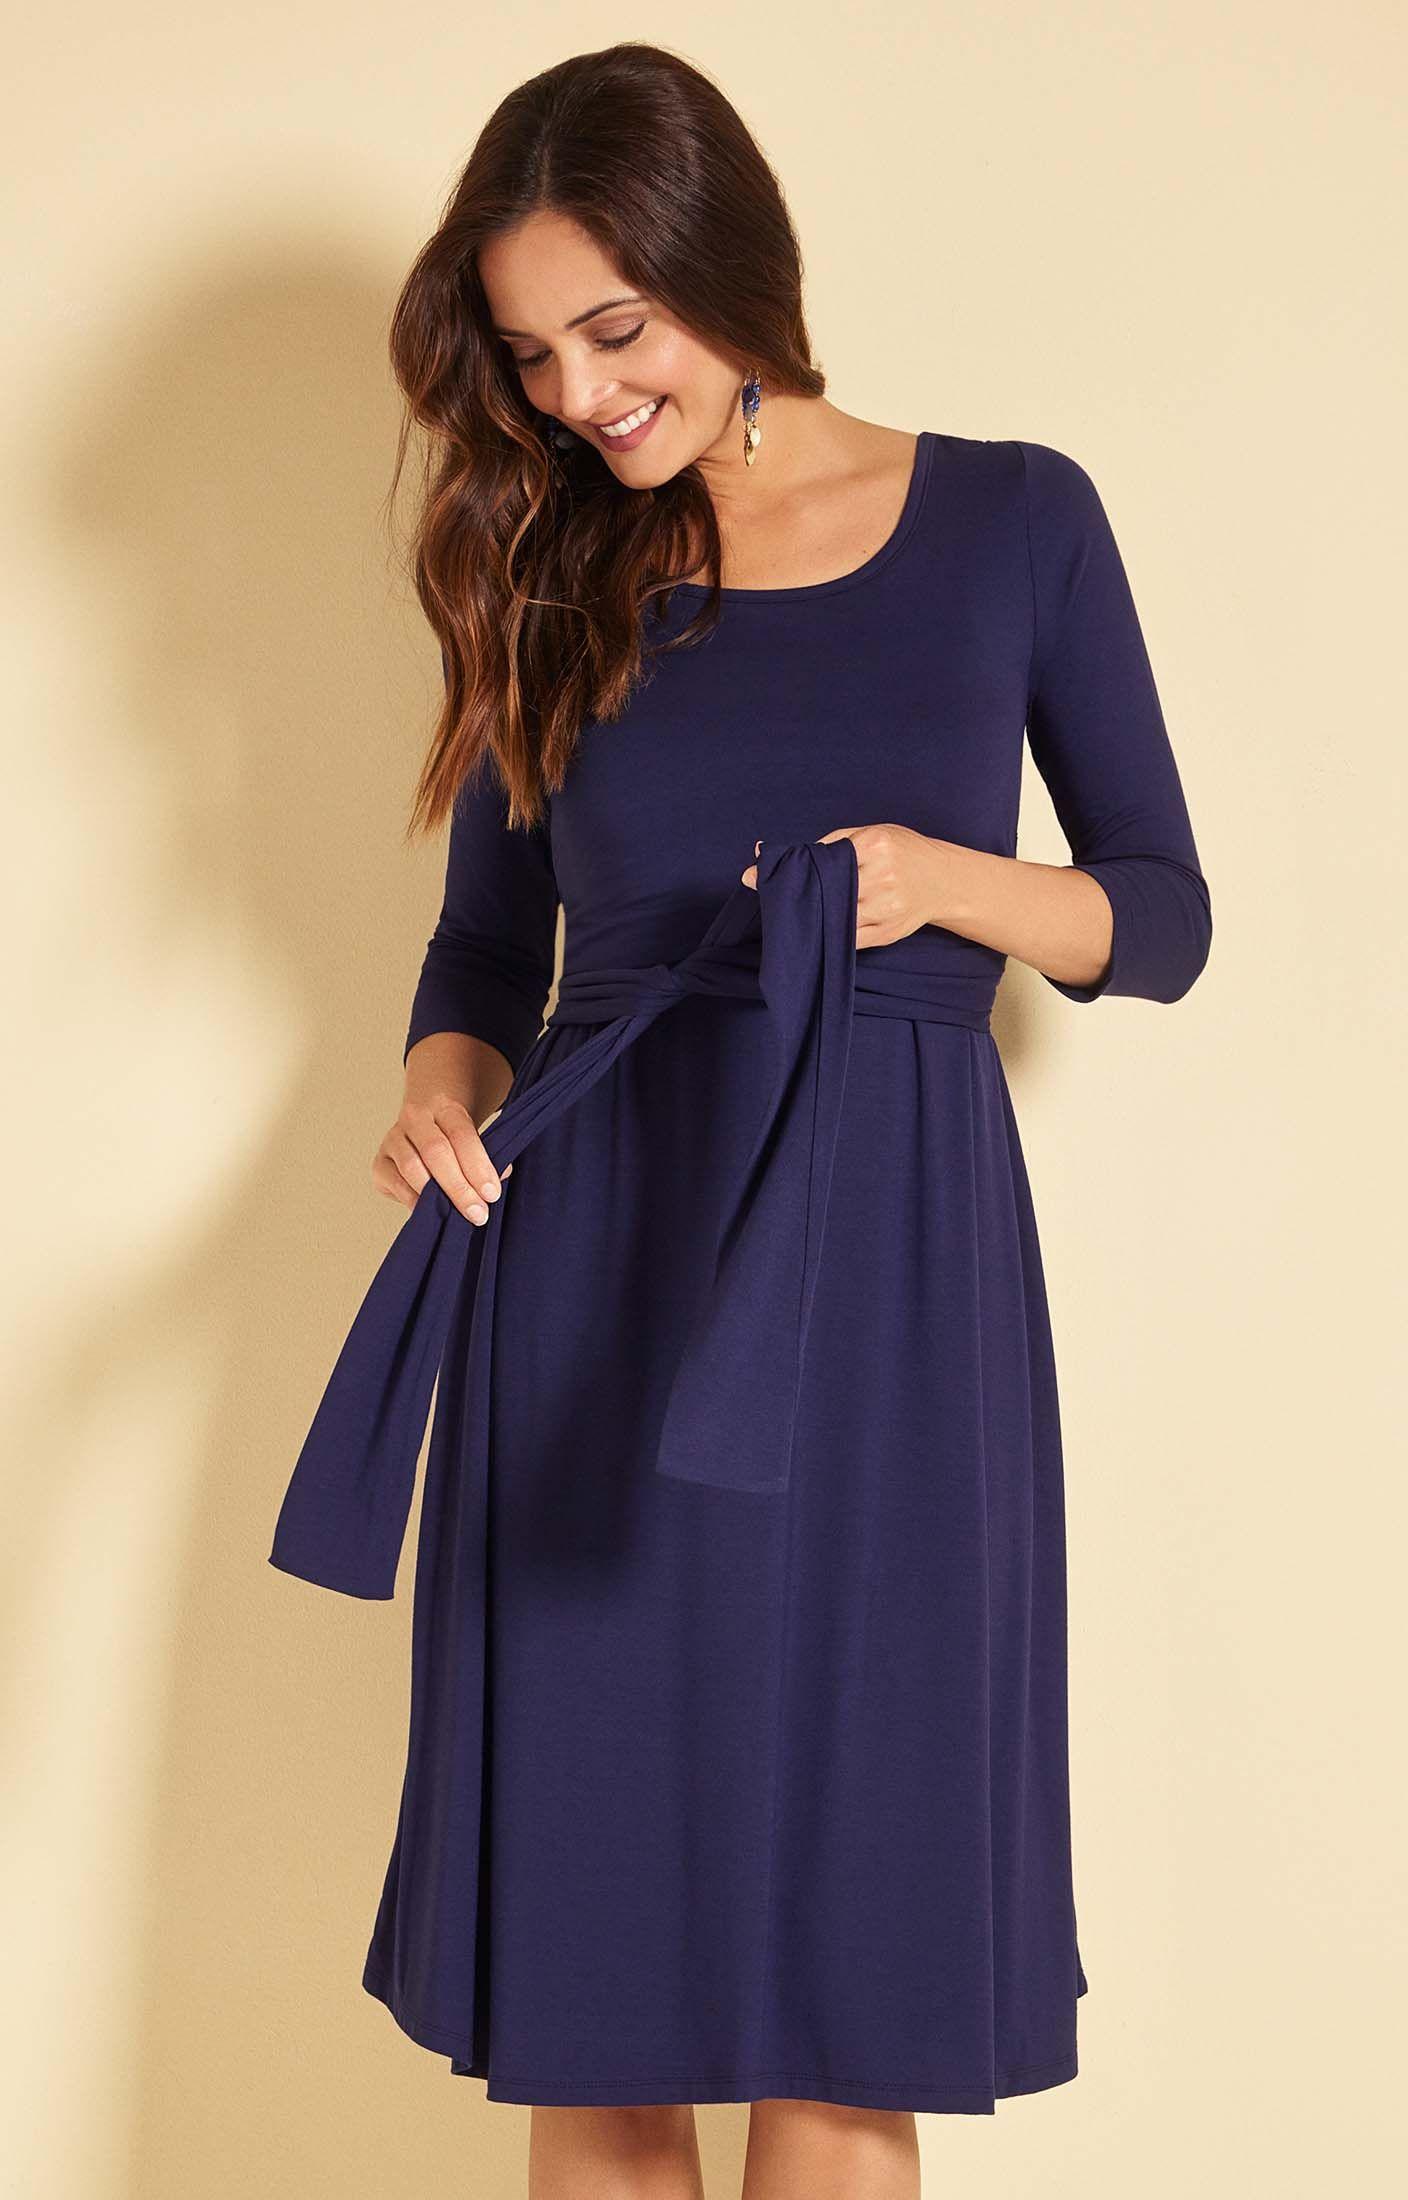 Stillkleid Naomi Cami Eclipse Blau - Umstandshochzeitskleider